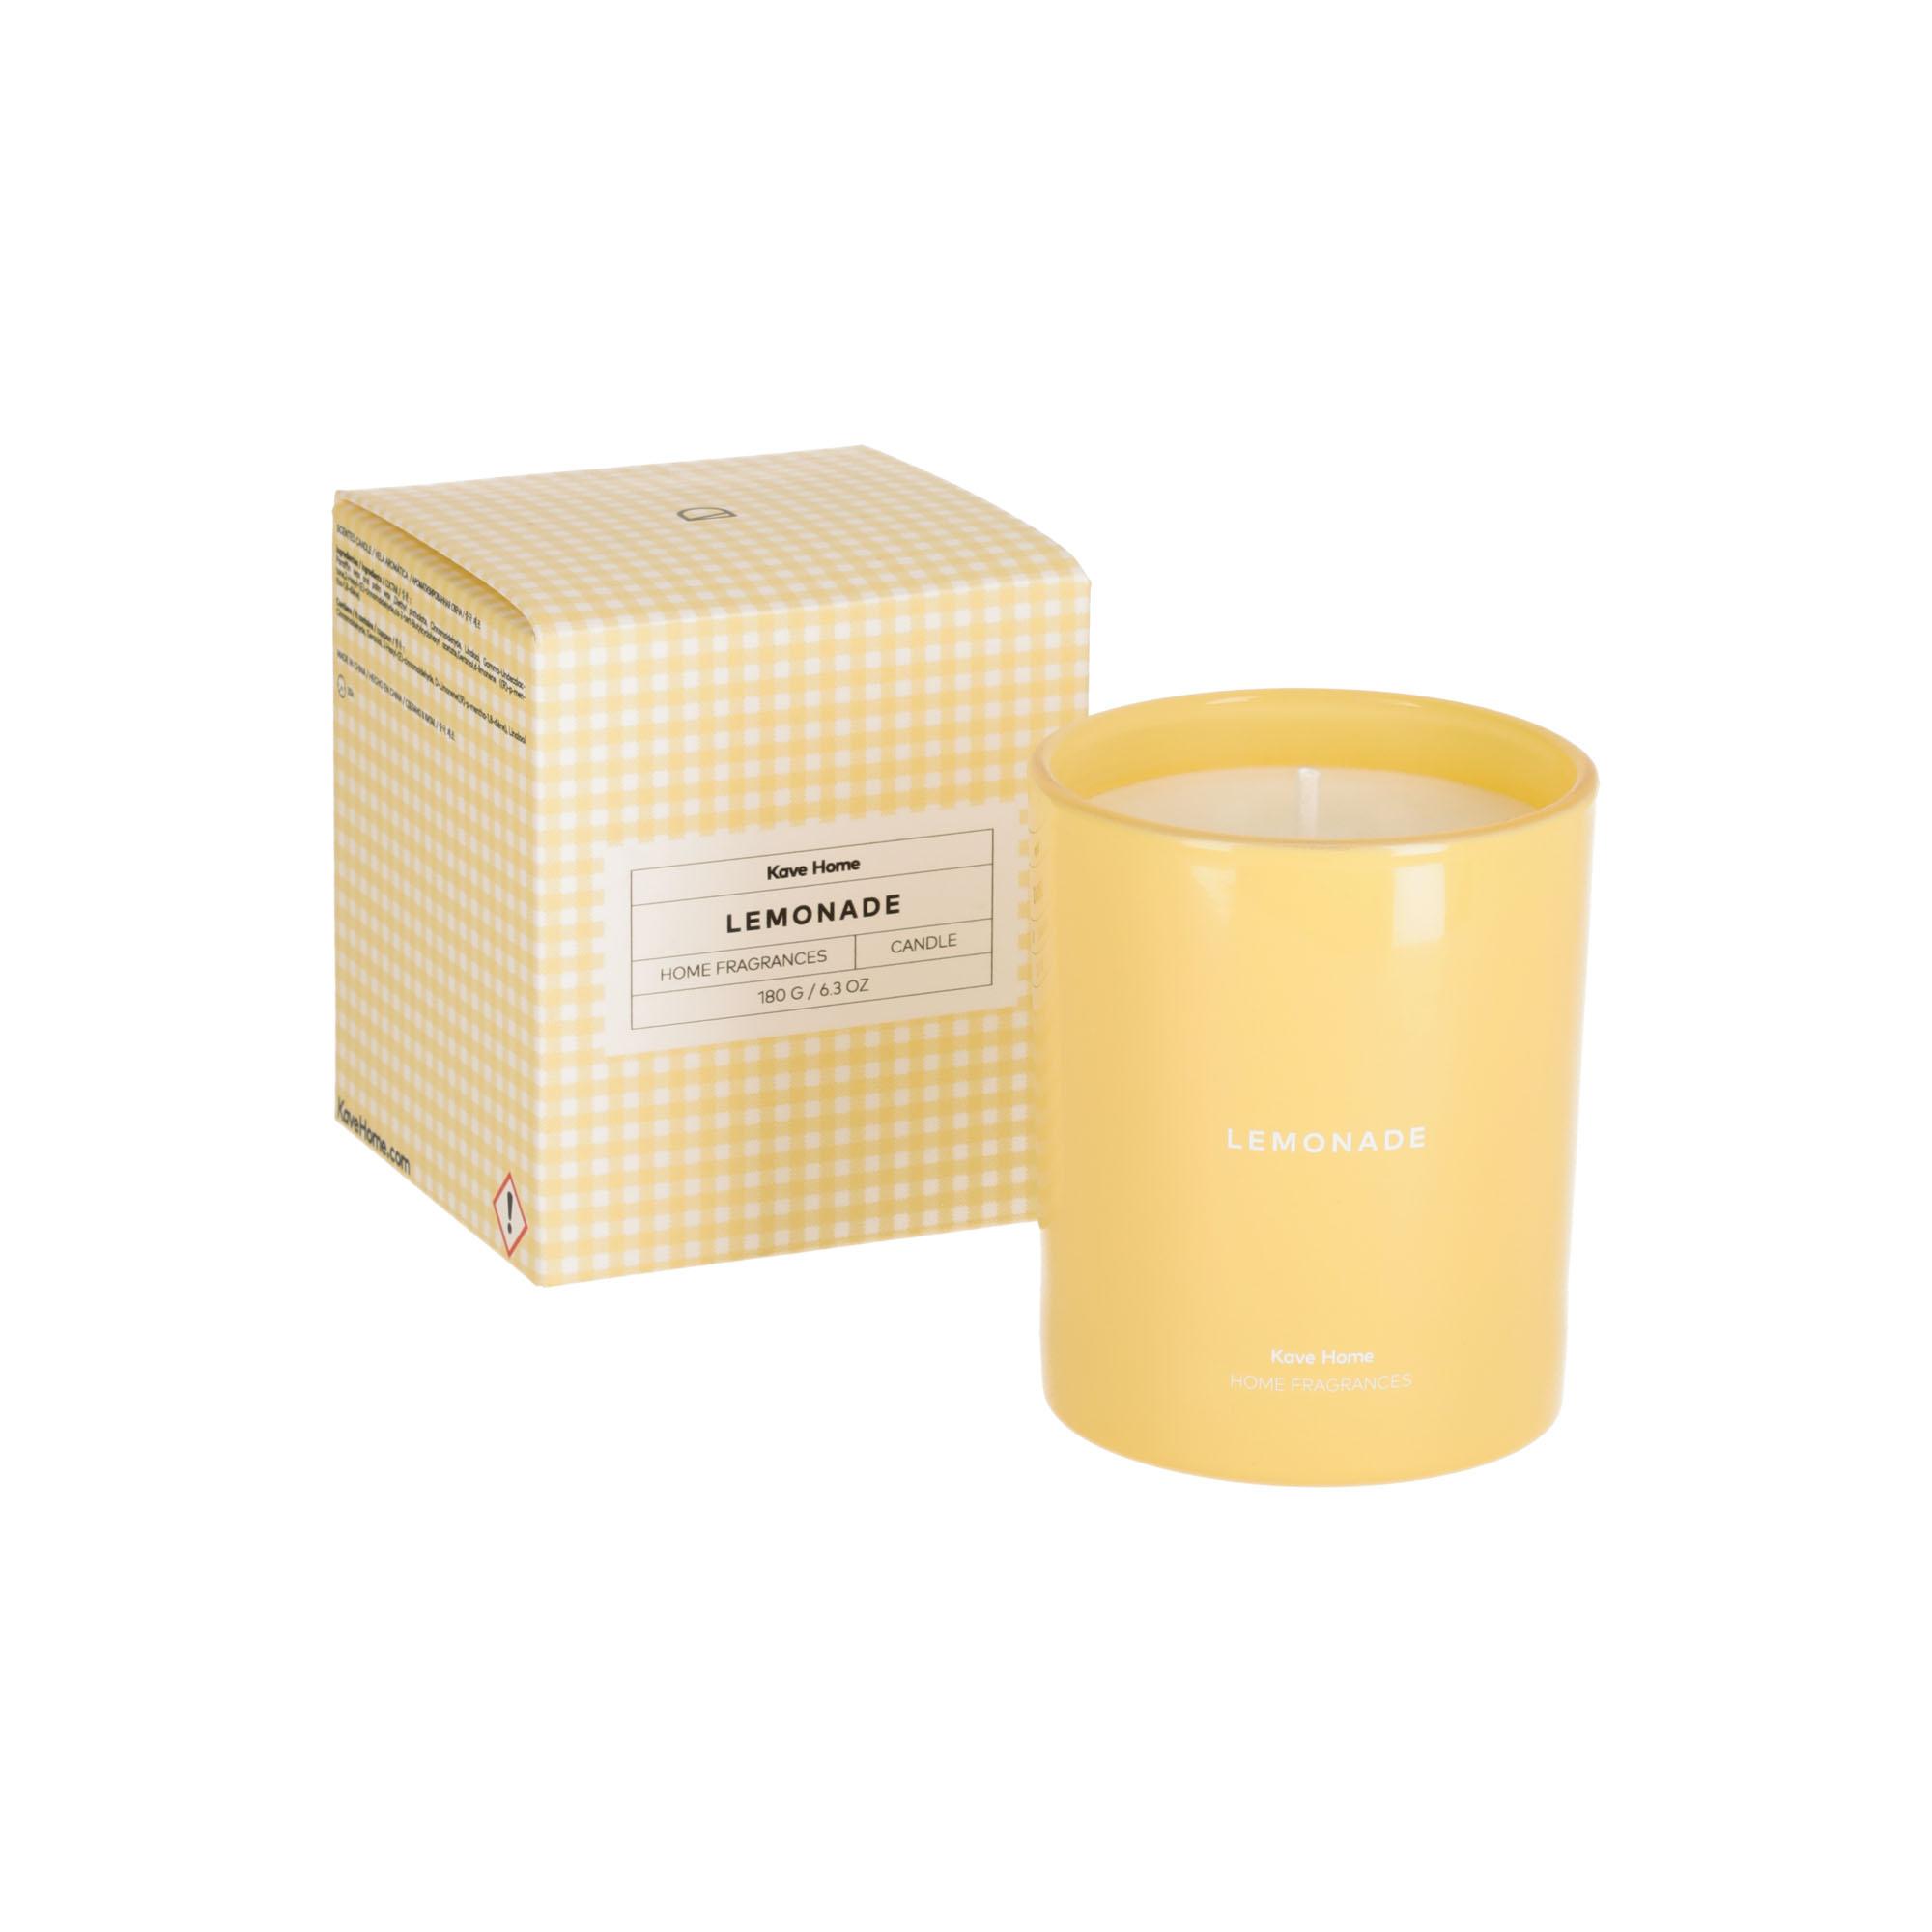 Kave home - bougie parfumée lemonade 180 gr